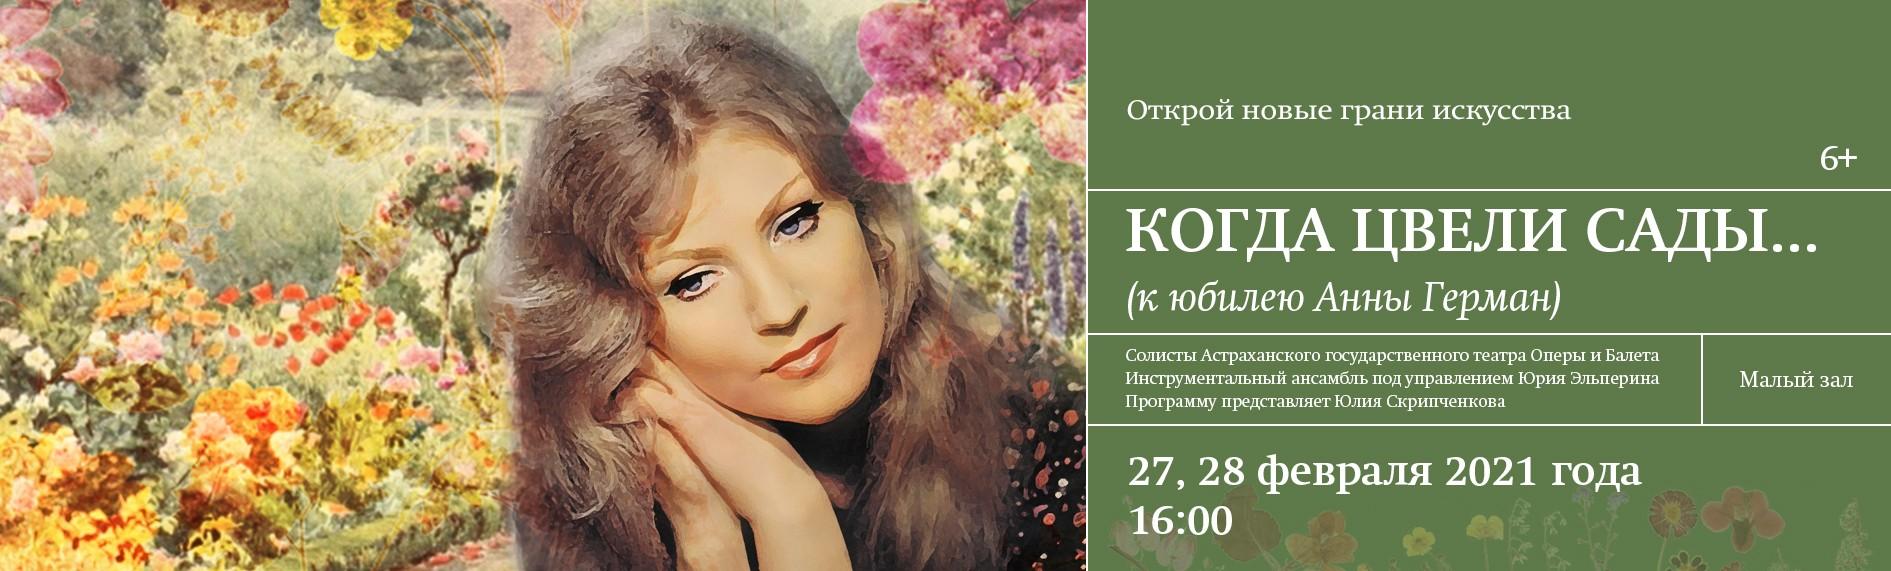 Концерт «Когда цвели сады…». К юбилею Анны Герман»